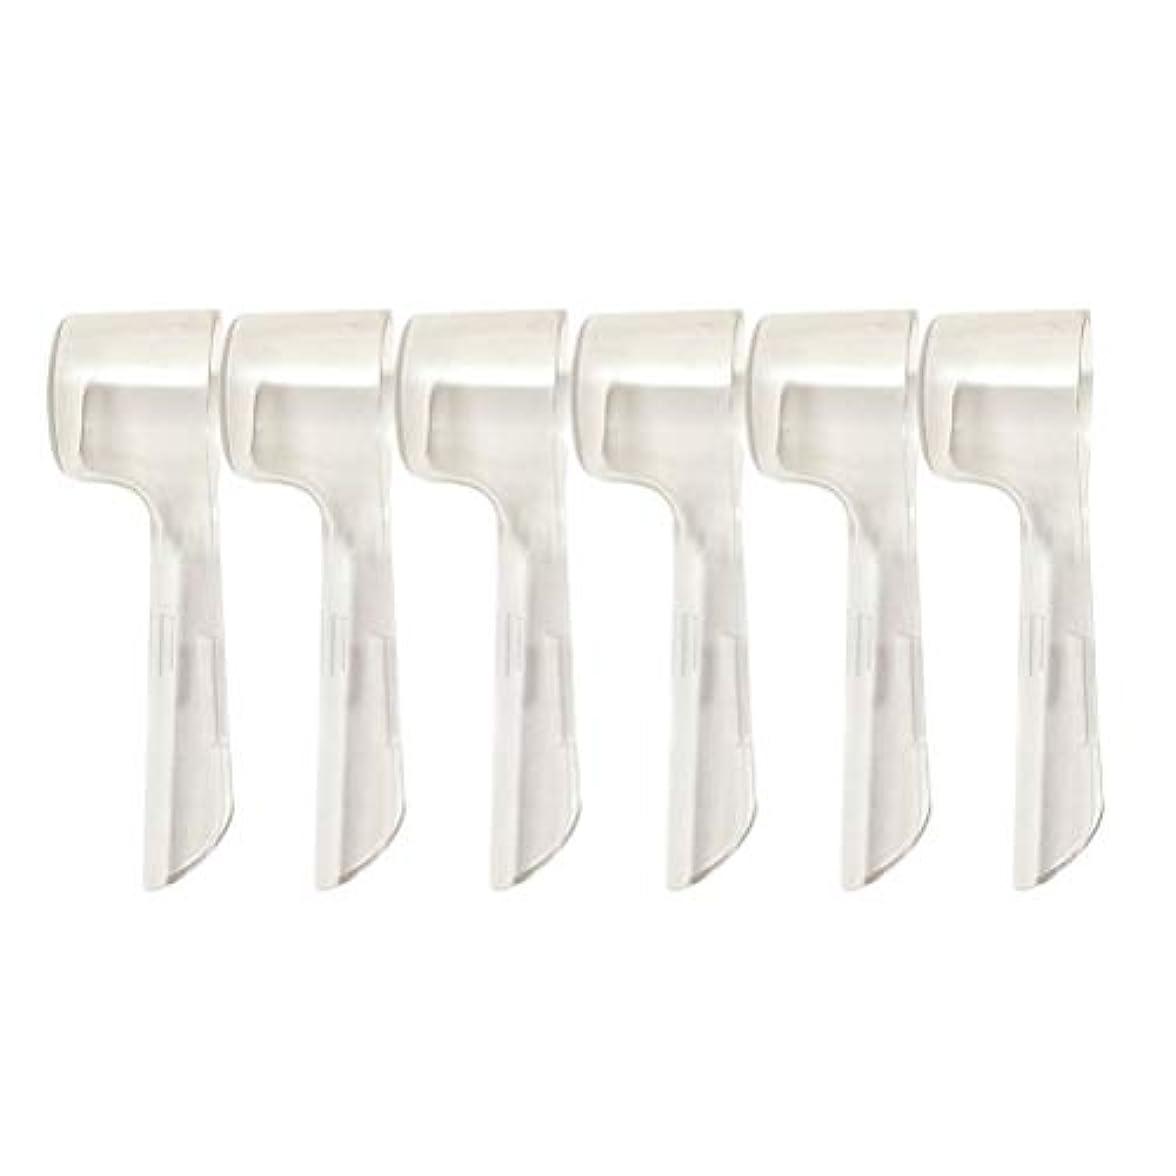 突然入場不格好Healifty 10本の歯ブラシカバー電動歯ブラシは旅行やその他の衛生に便利です。